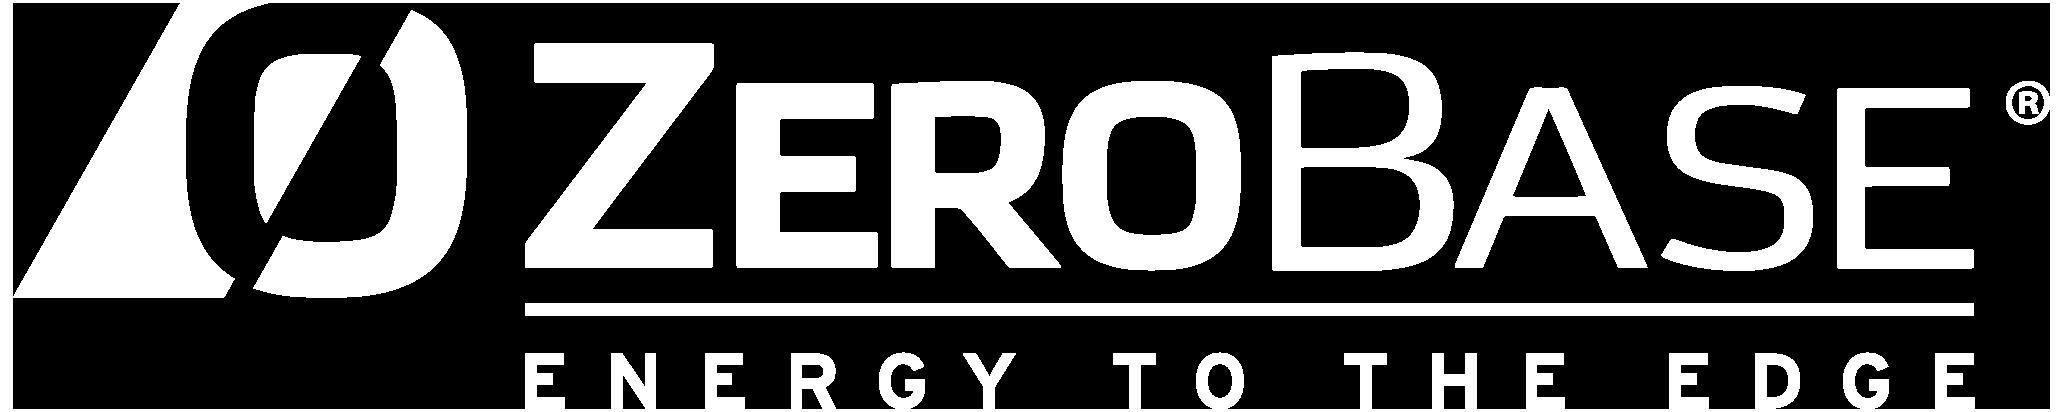 ZeroBase